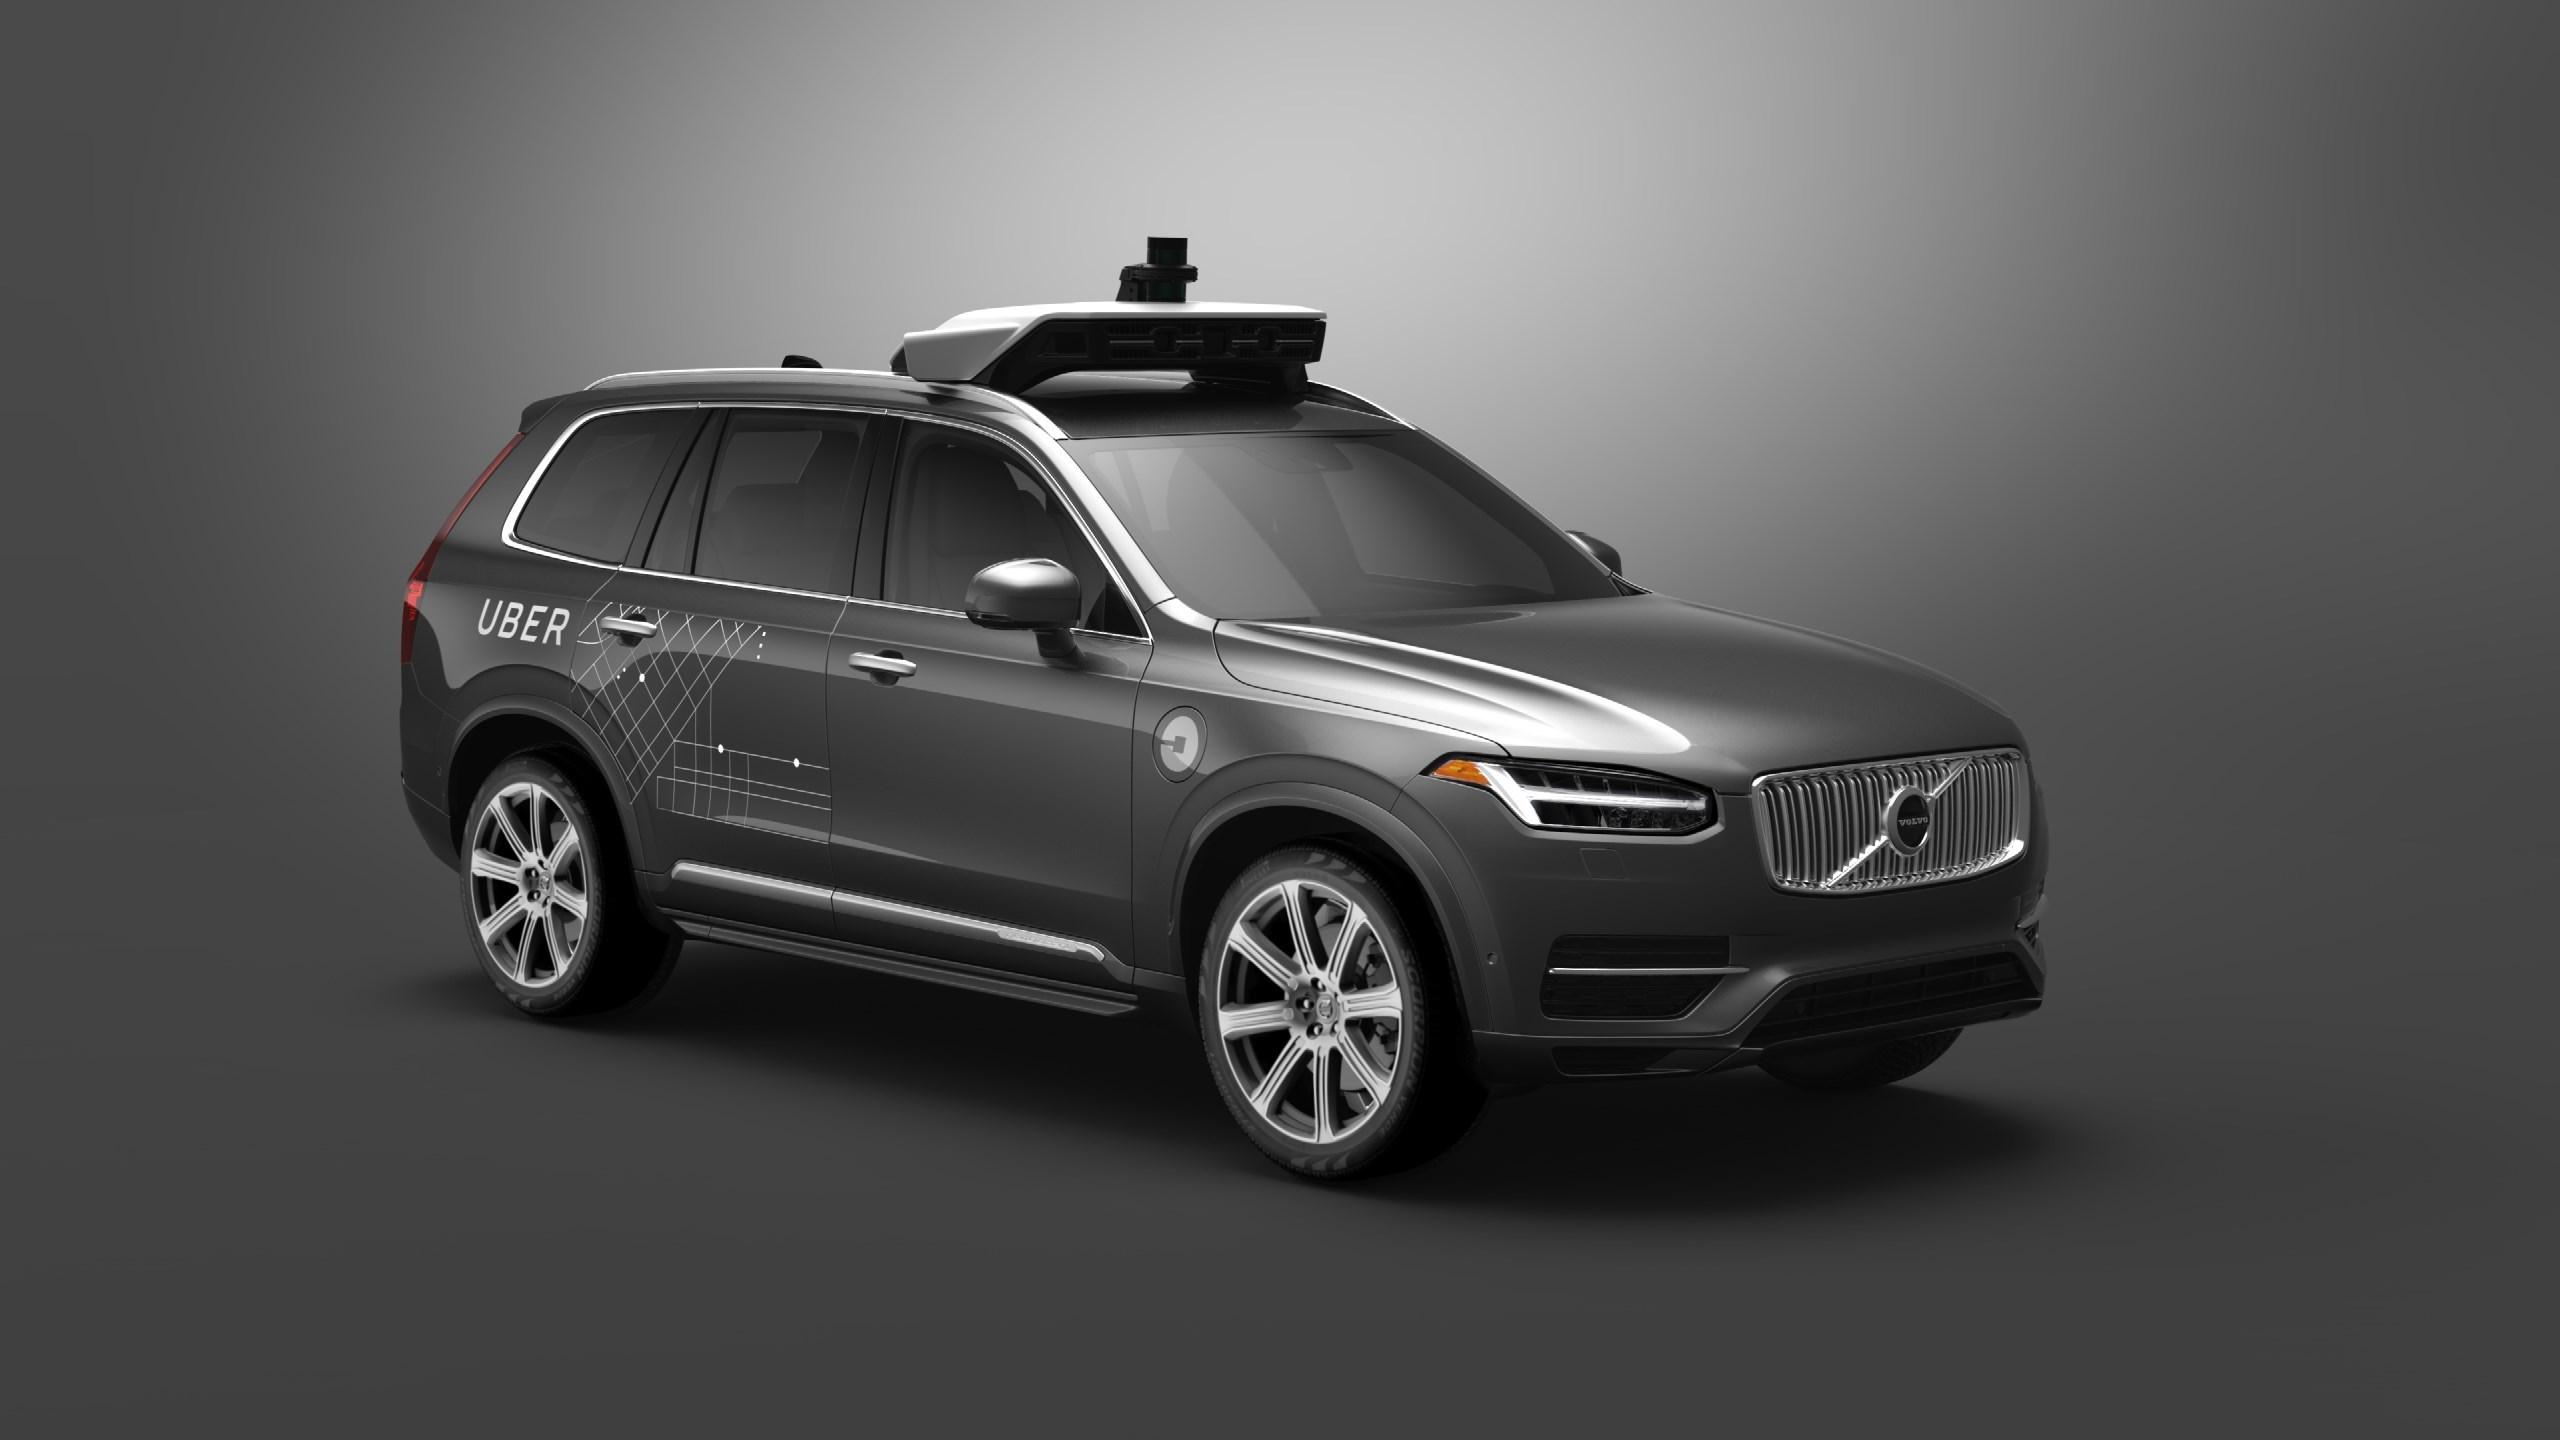 Volvo Cars і Uber розроблять безпілотні автомобілі - офіційний представник Winner в Україні